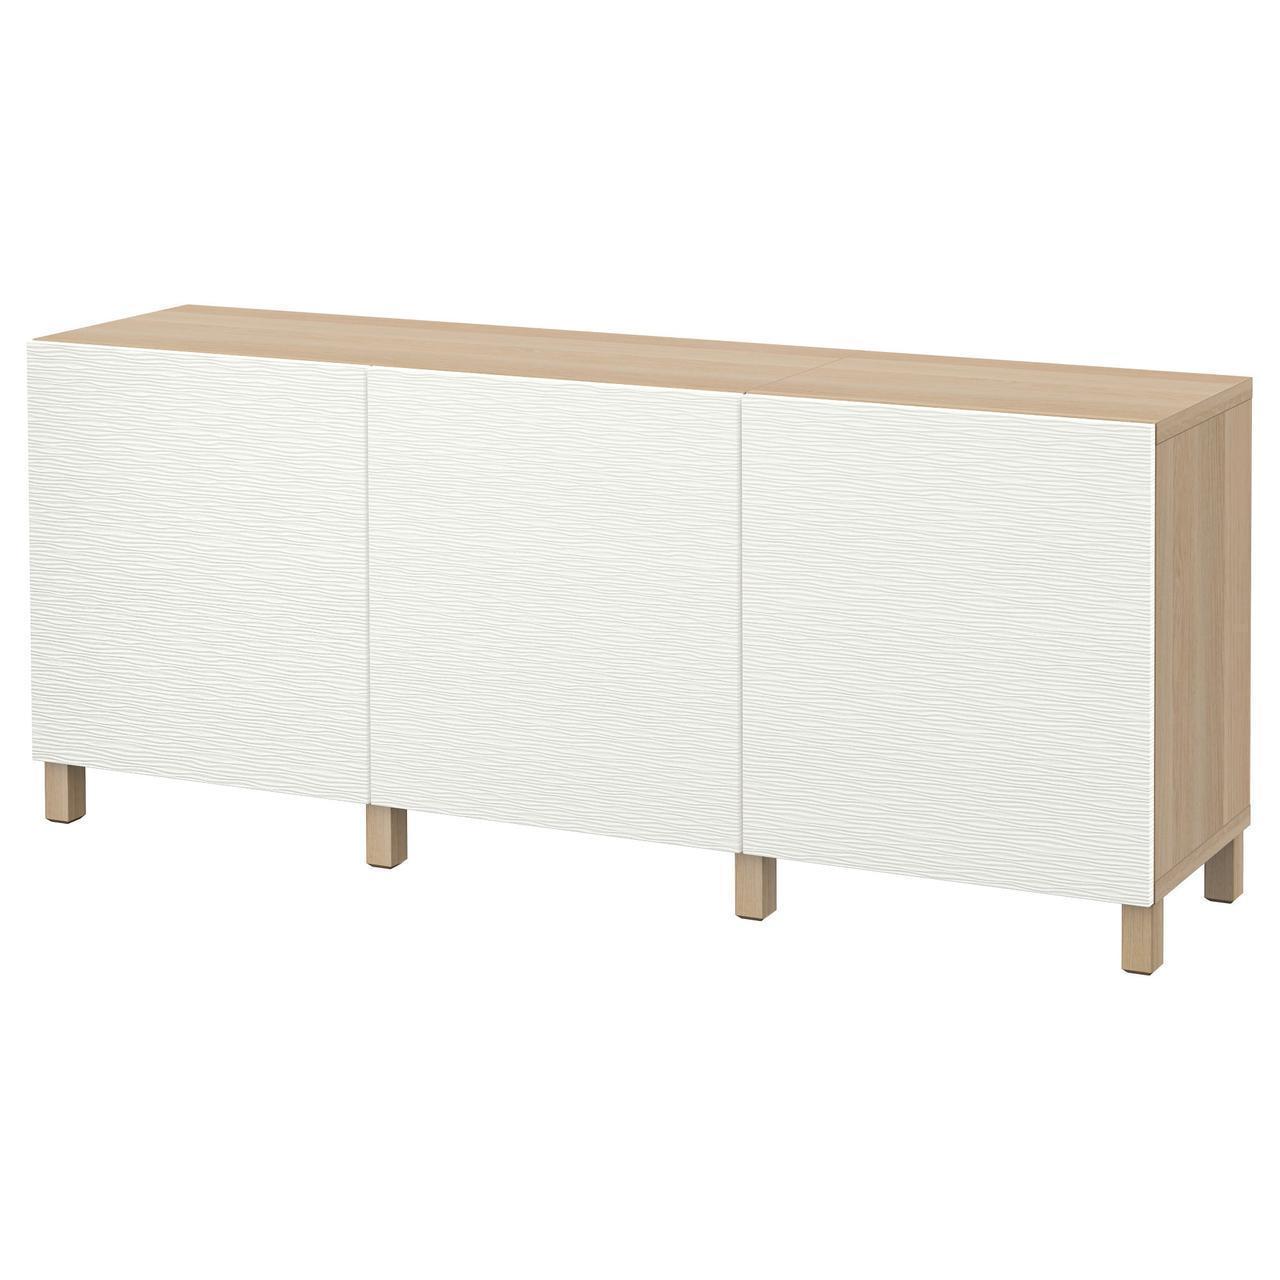 IKEA BESTA Тумба, белый стаинедед дуб, Лаксвикен белый  (091.399.03)